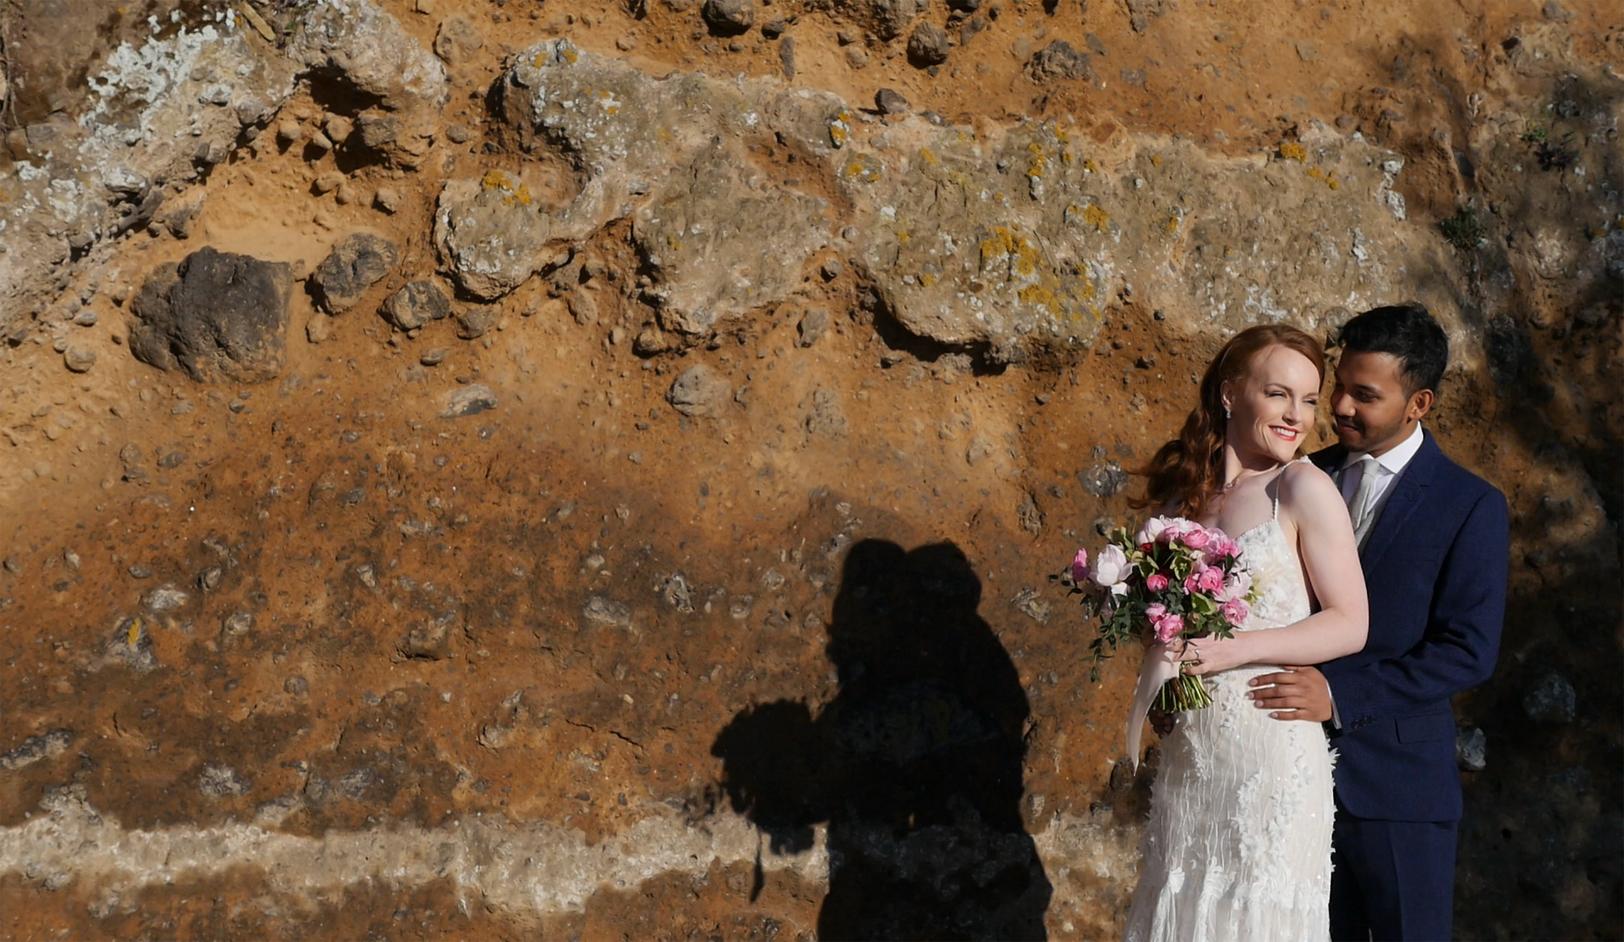 bride-groom-wedding-indian-borgo-of-tragliata.jpg